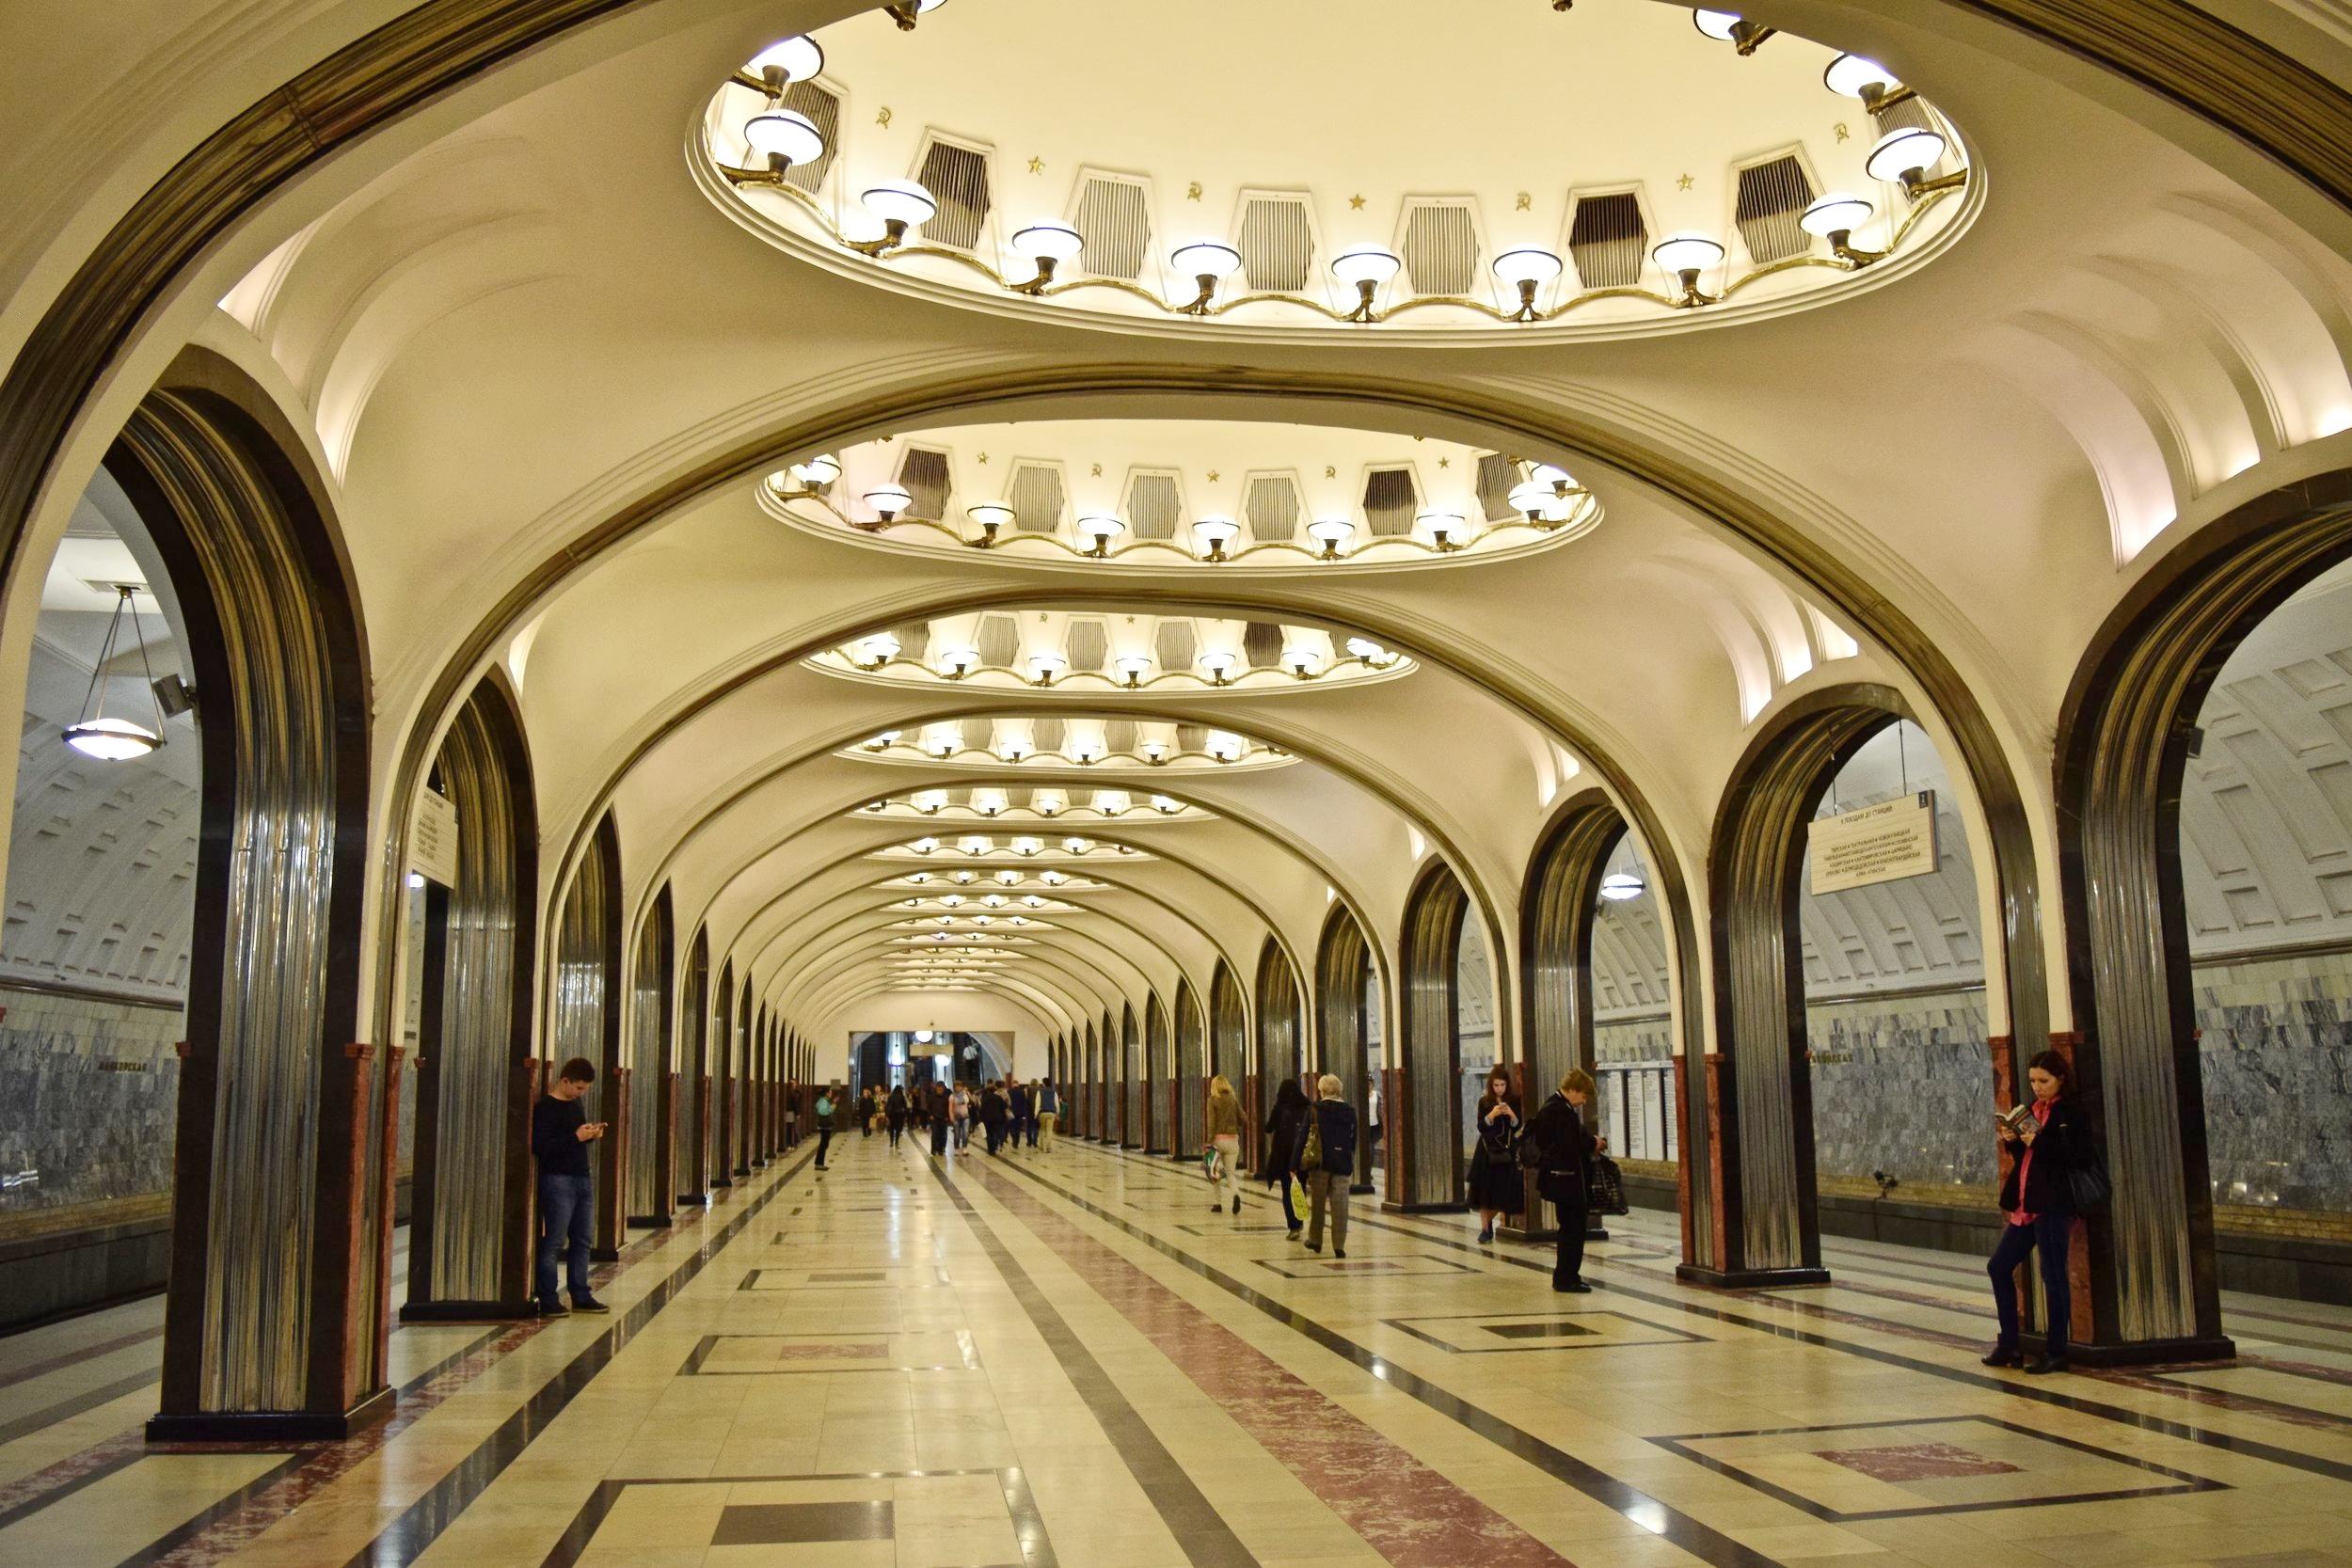 Yaroslavsky railway station - Komsomolskaya metro station: the way to the north 29